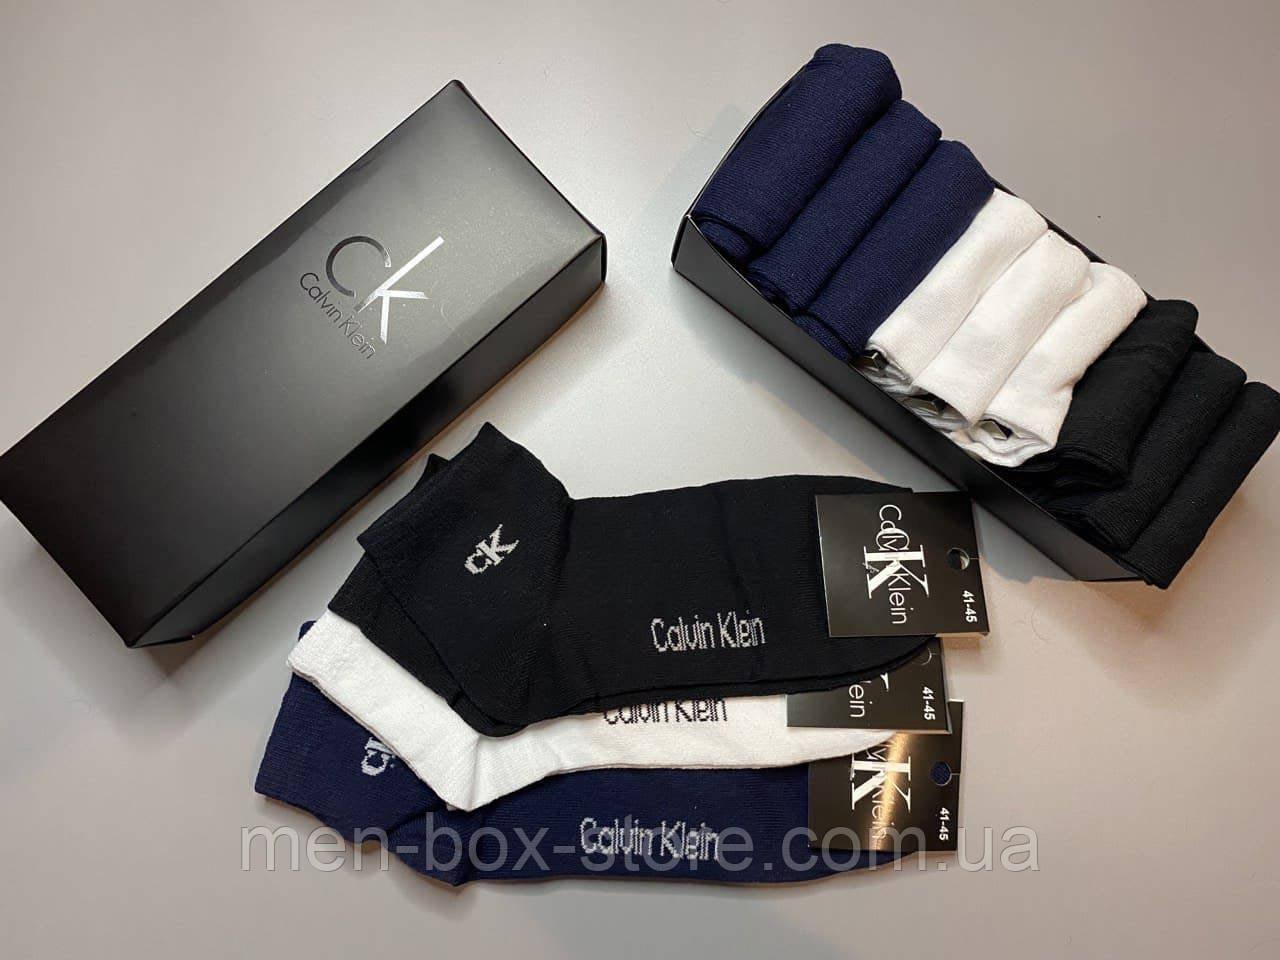 Мужские носки  9 пар Calvin в фирменной коробке!носки мужские носки средние носки турция носки хлопок носки